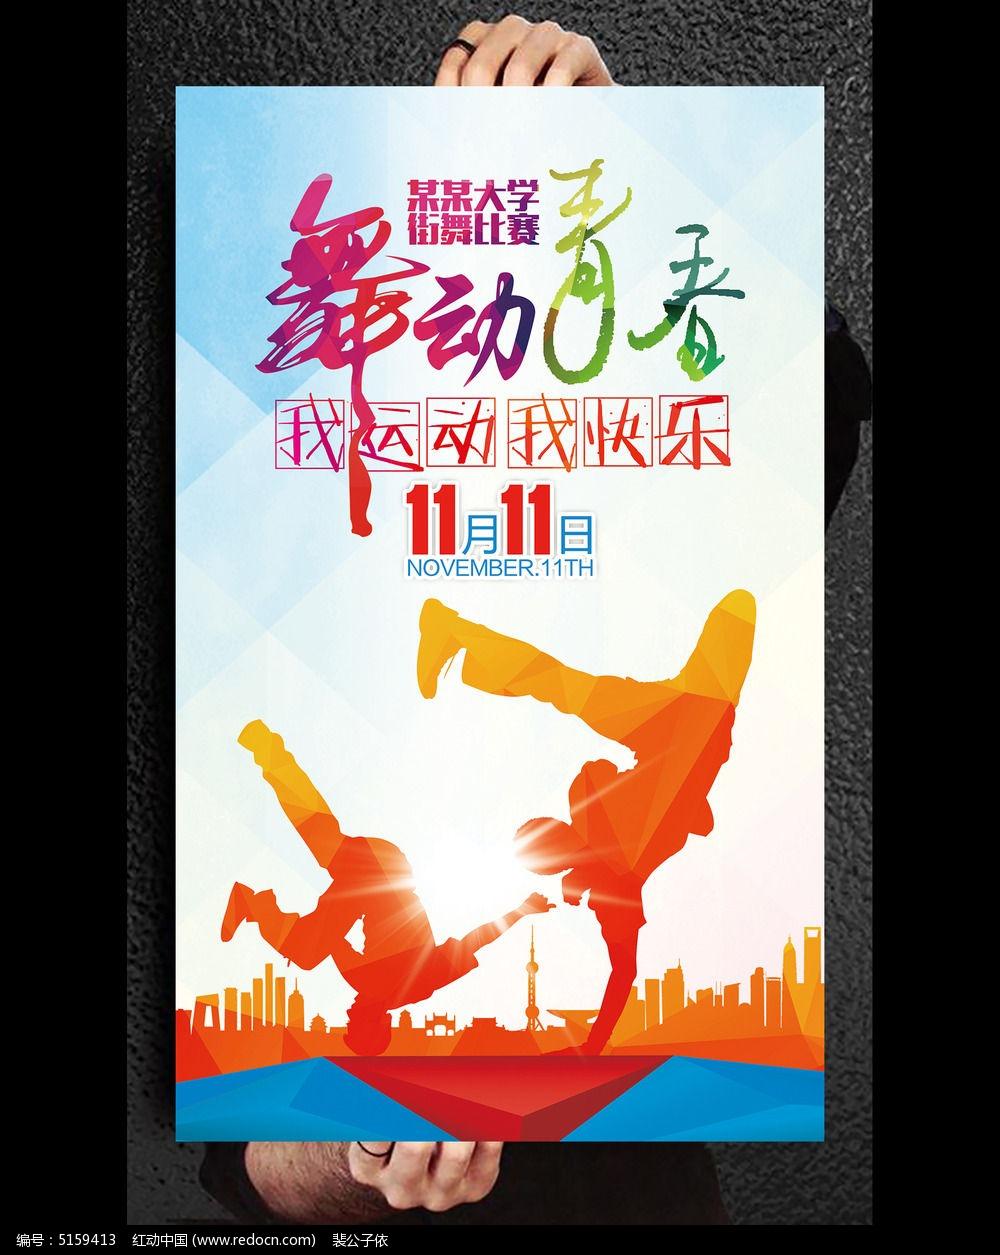 大学生街舞比赛海报设计图片